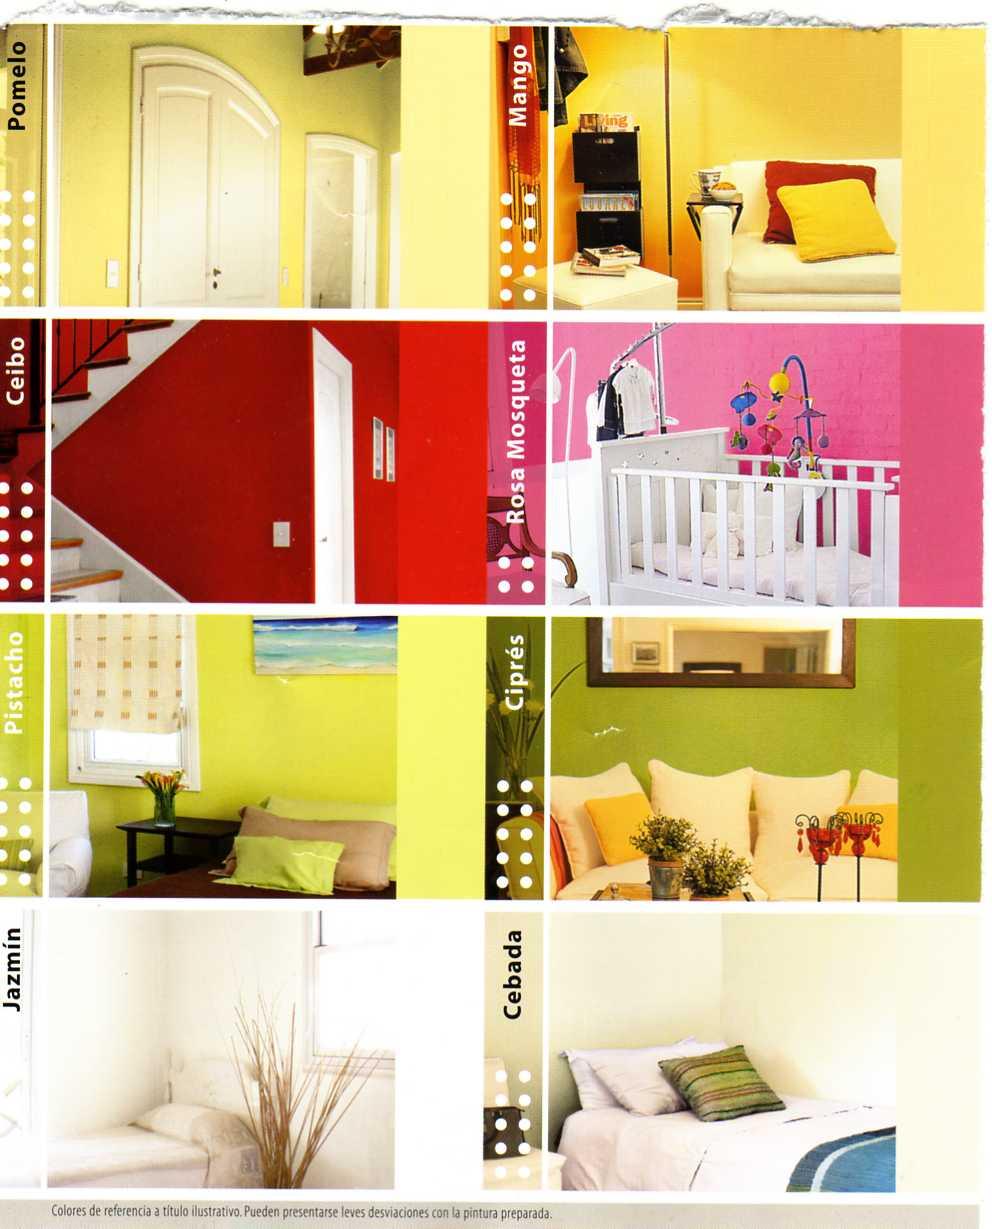 Gustavo pinturas consejos de colores para ambientes - Colores de pintura para interiores ...